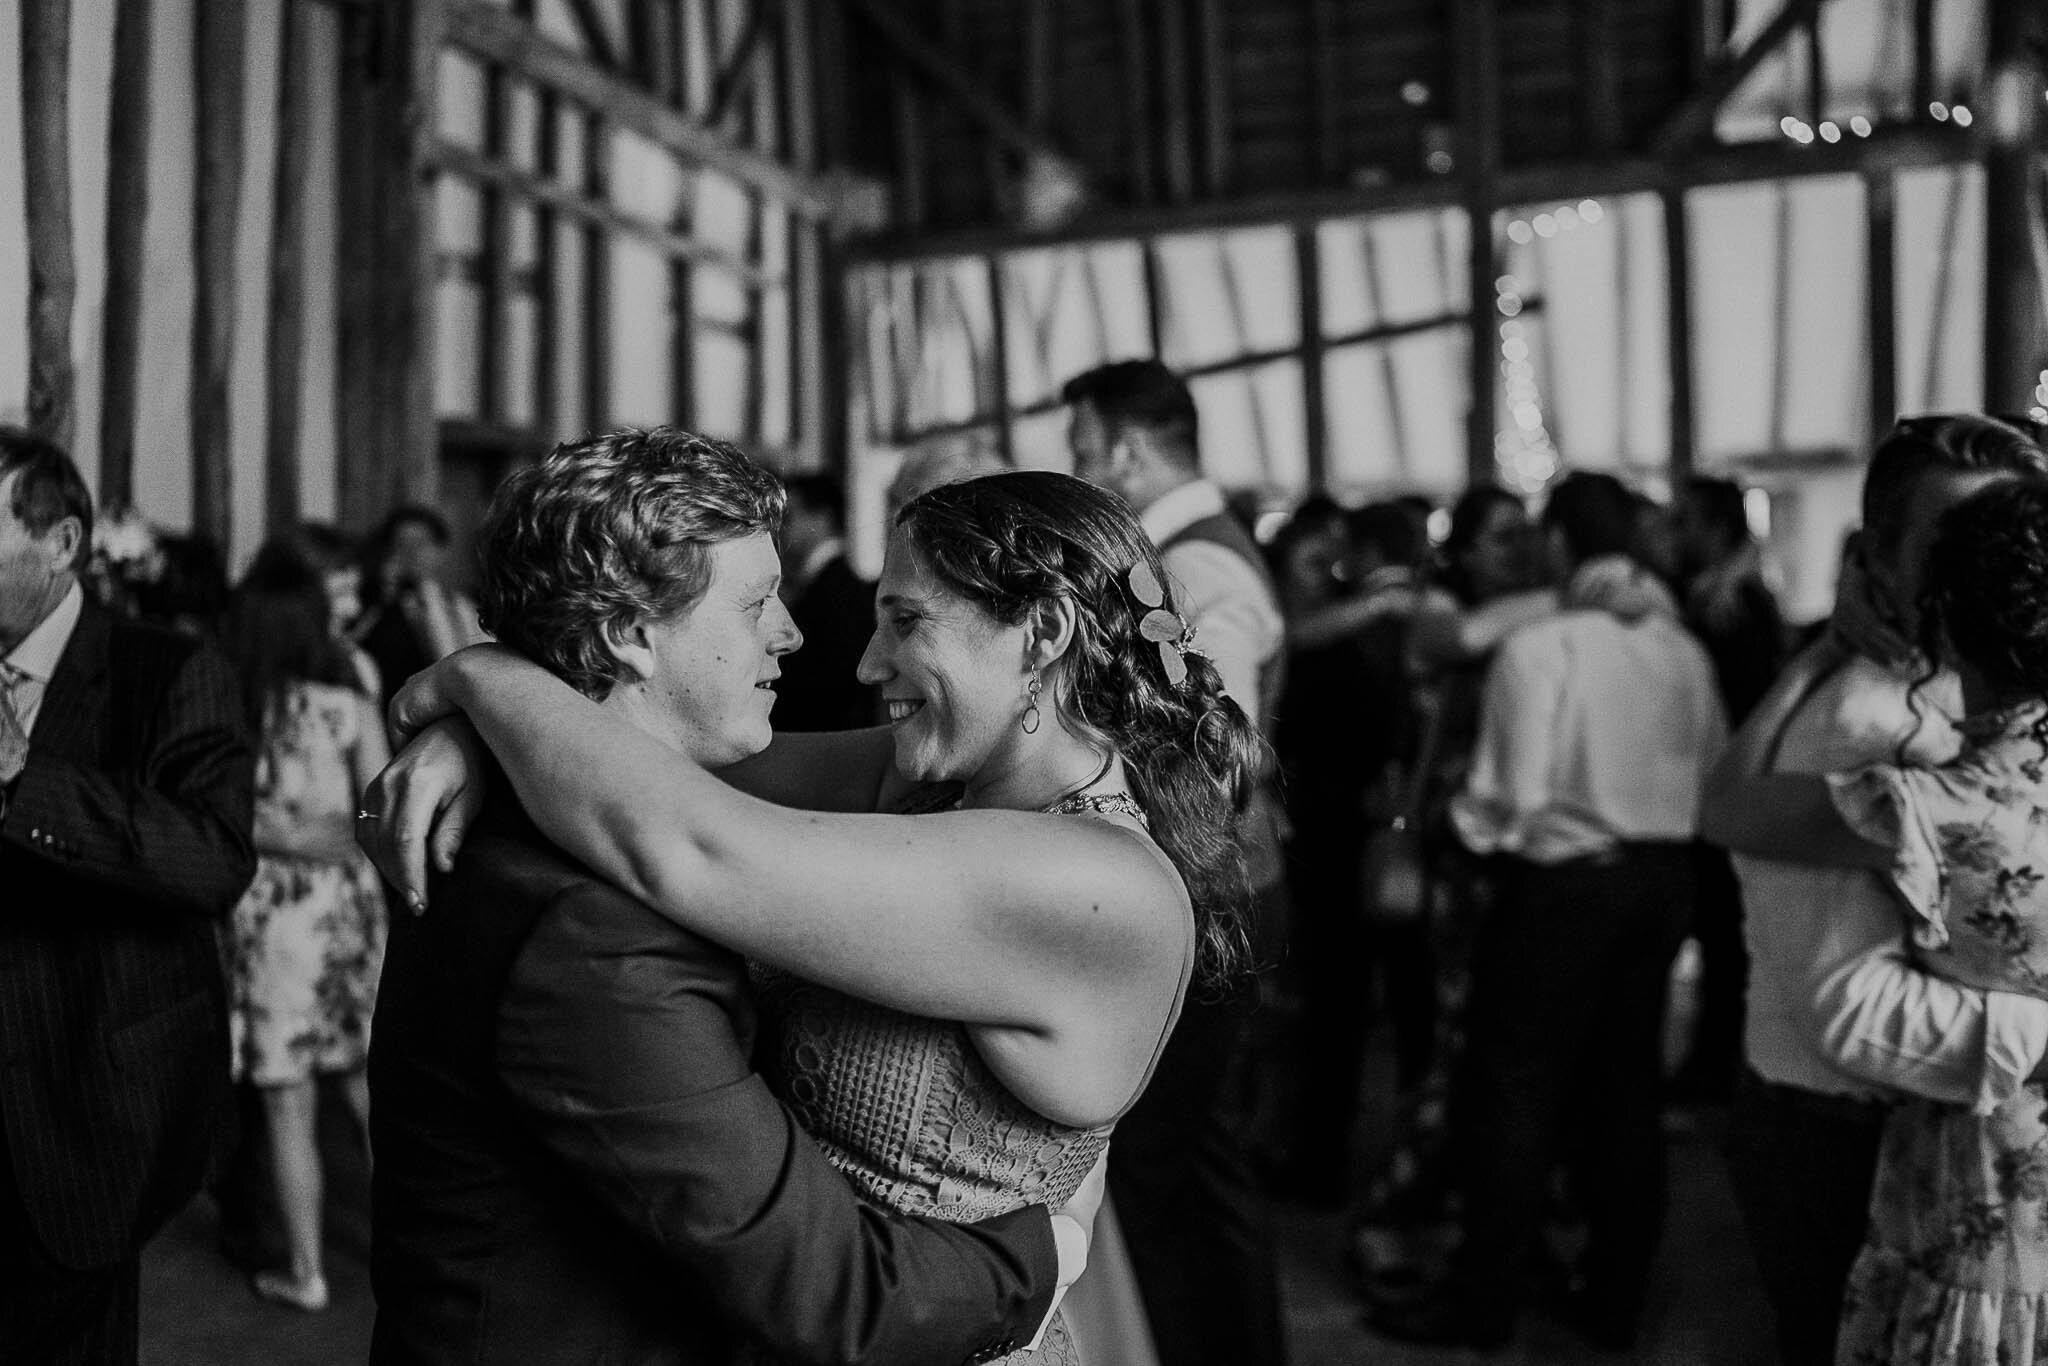 wedding-dancing-candids